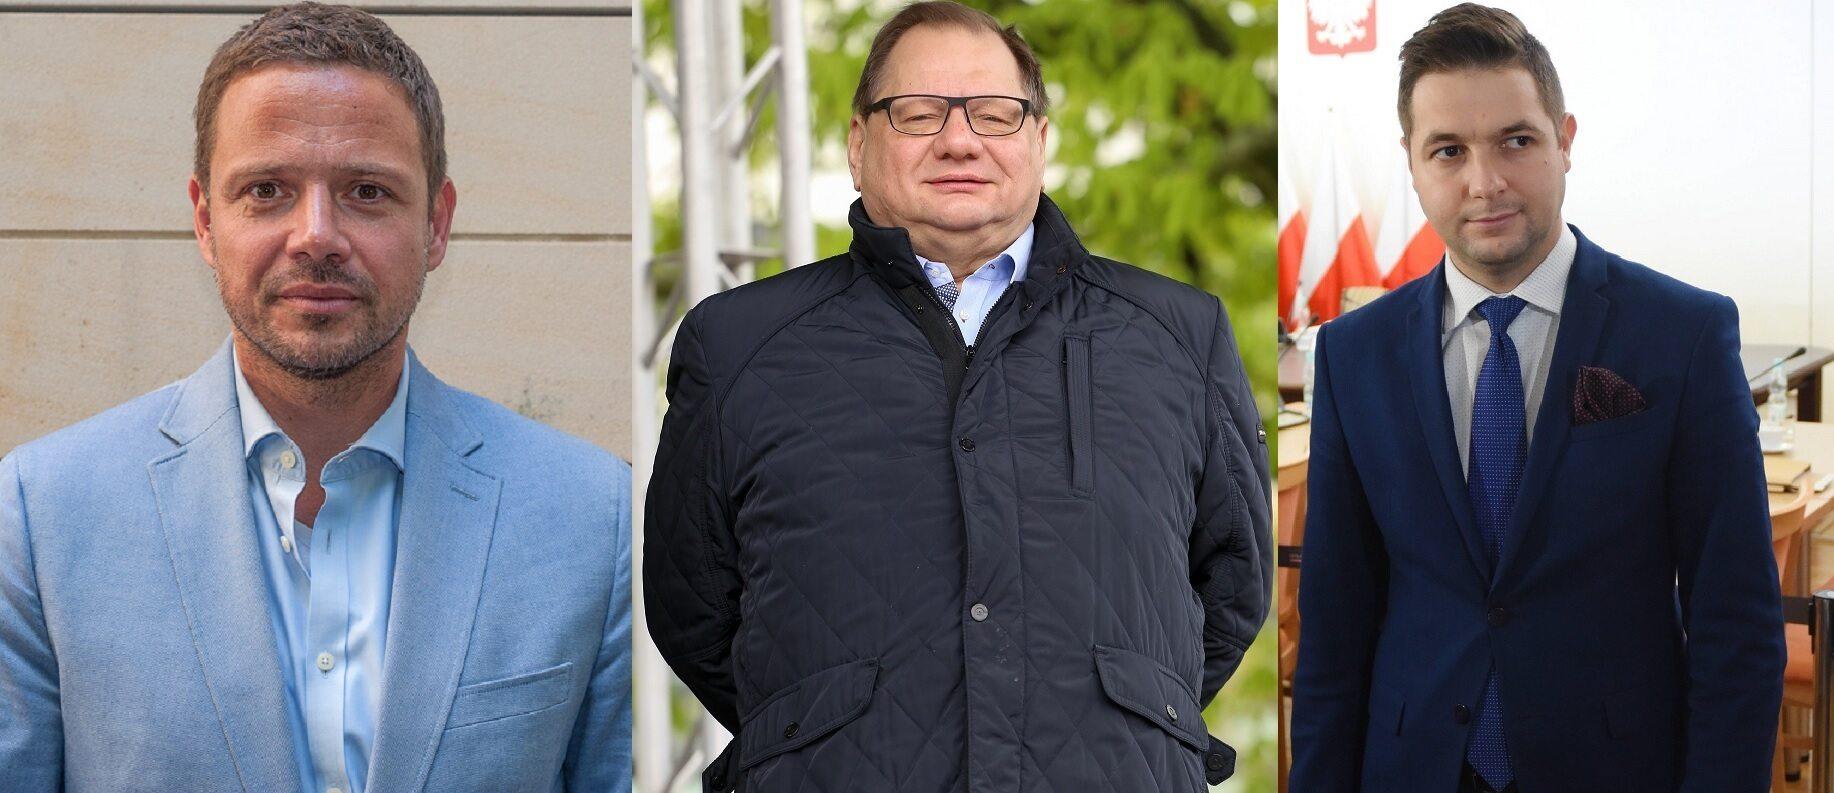 Rafał Trzaskowski, Ryszard Kalisz, Patryk Jaki